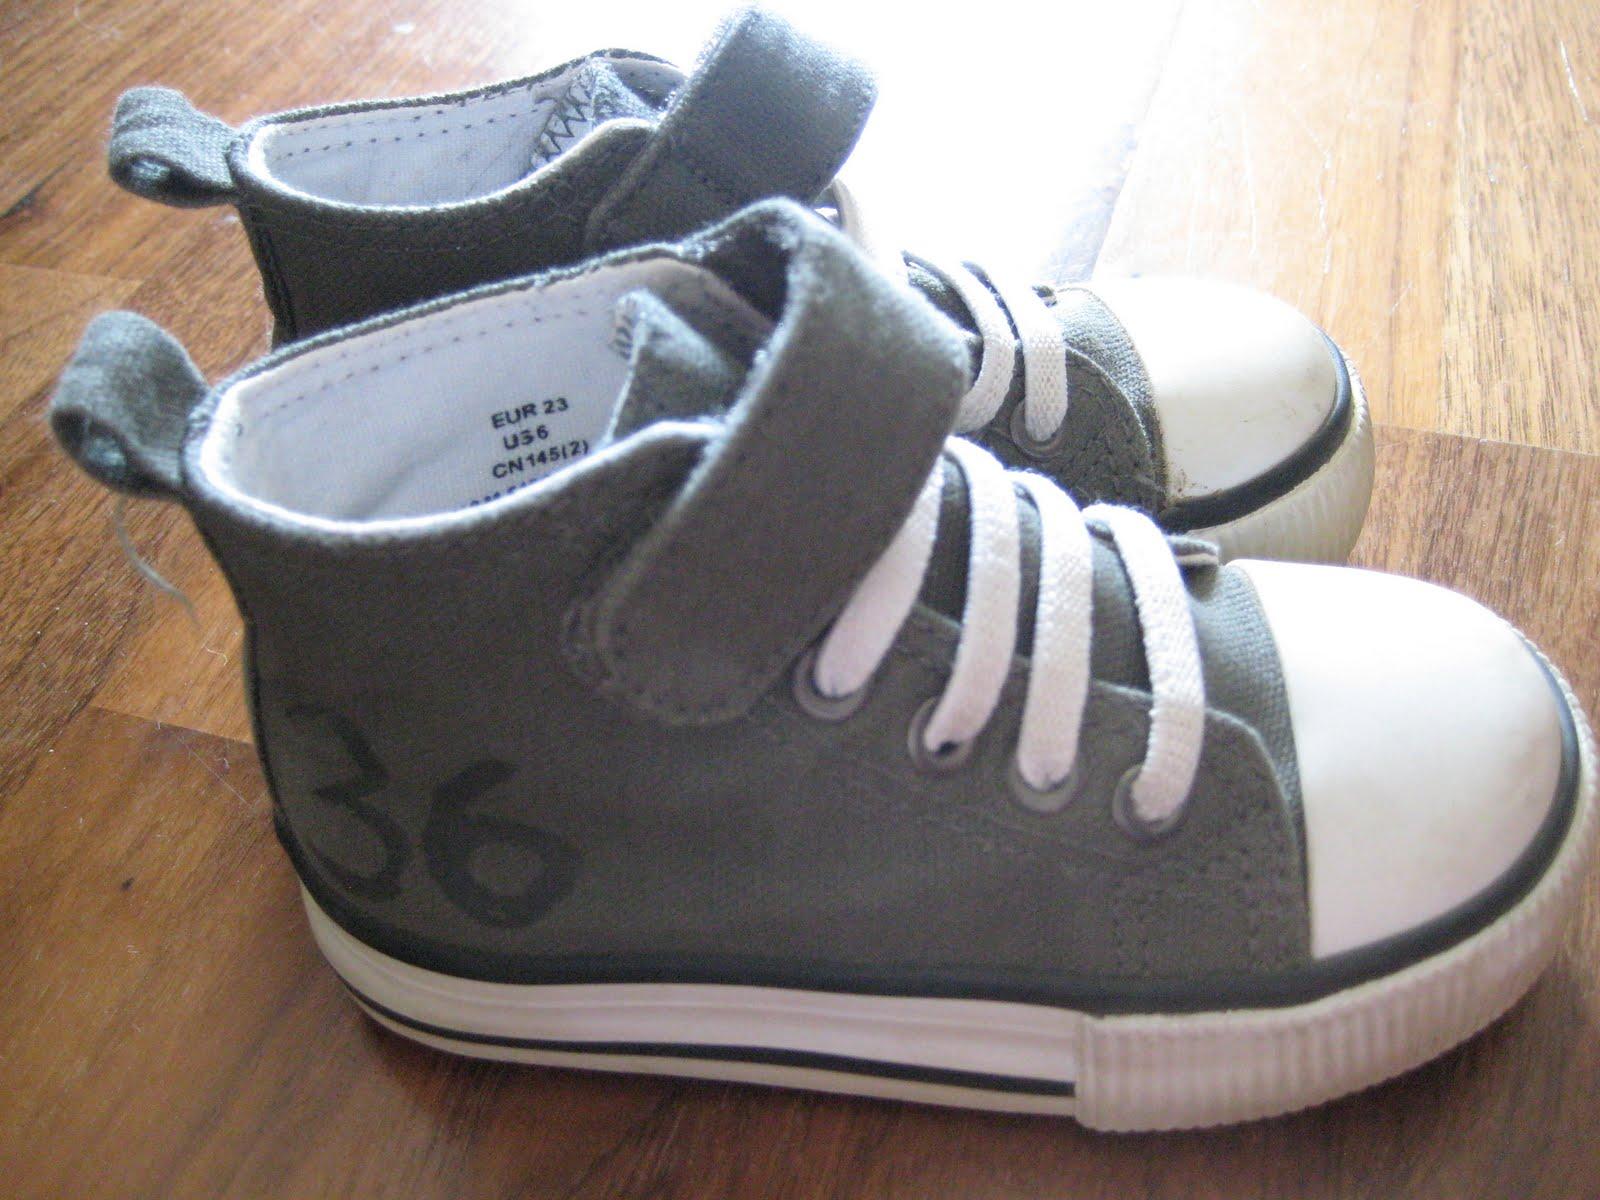 minkä ikäisellä kengän koko 23